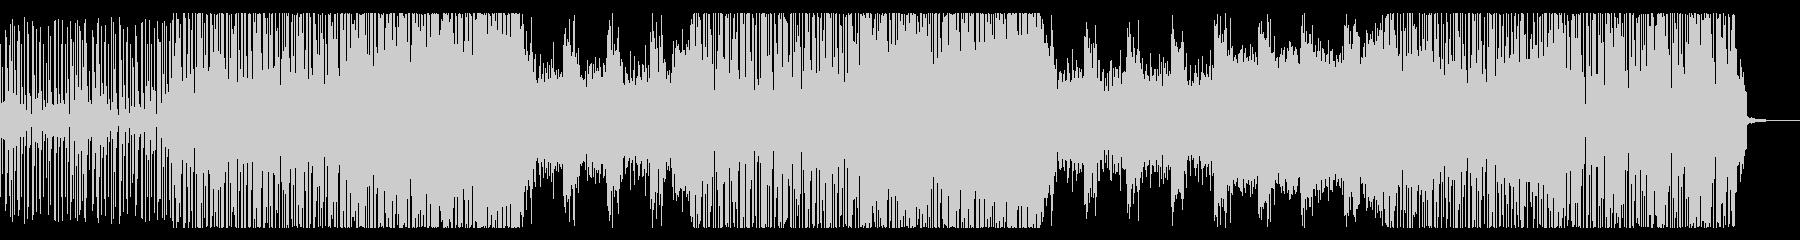 インダストリーテクノの未再生の波形